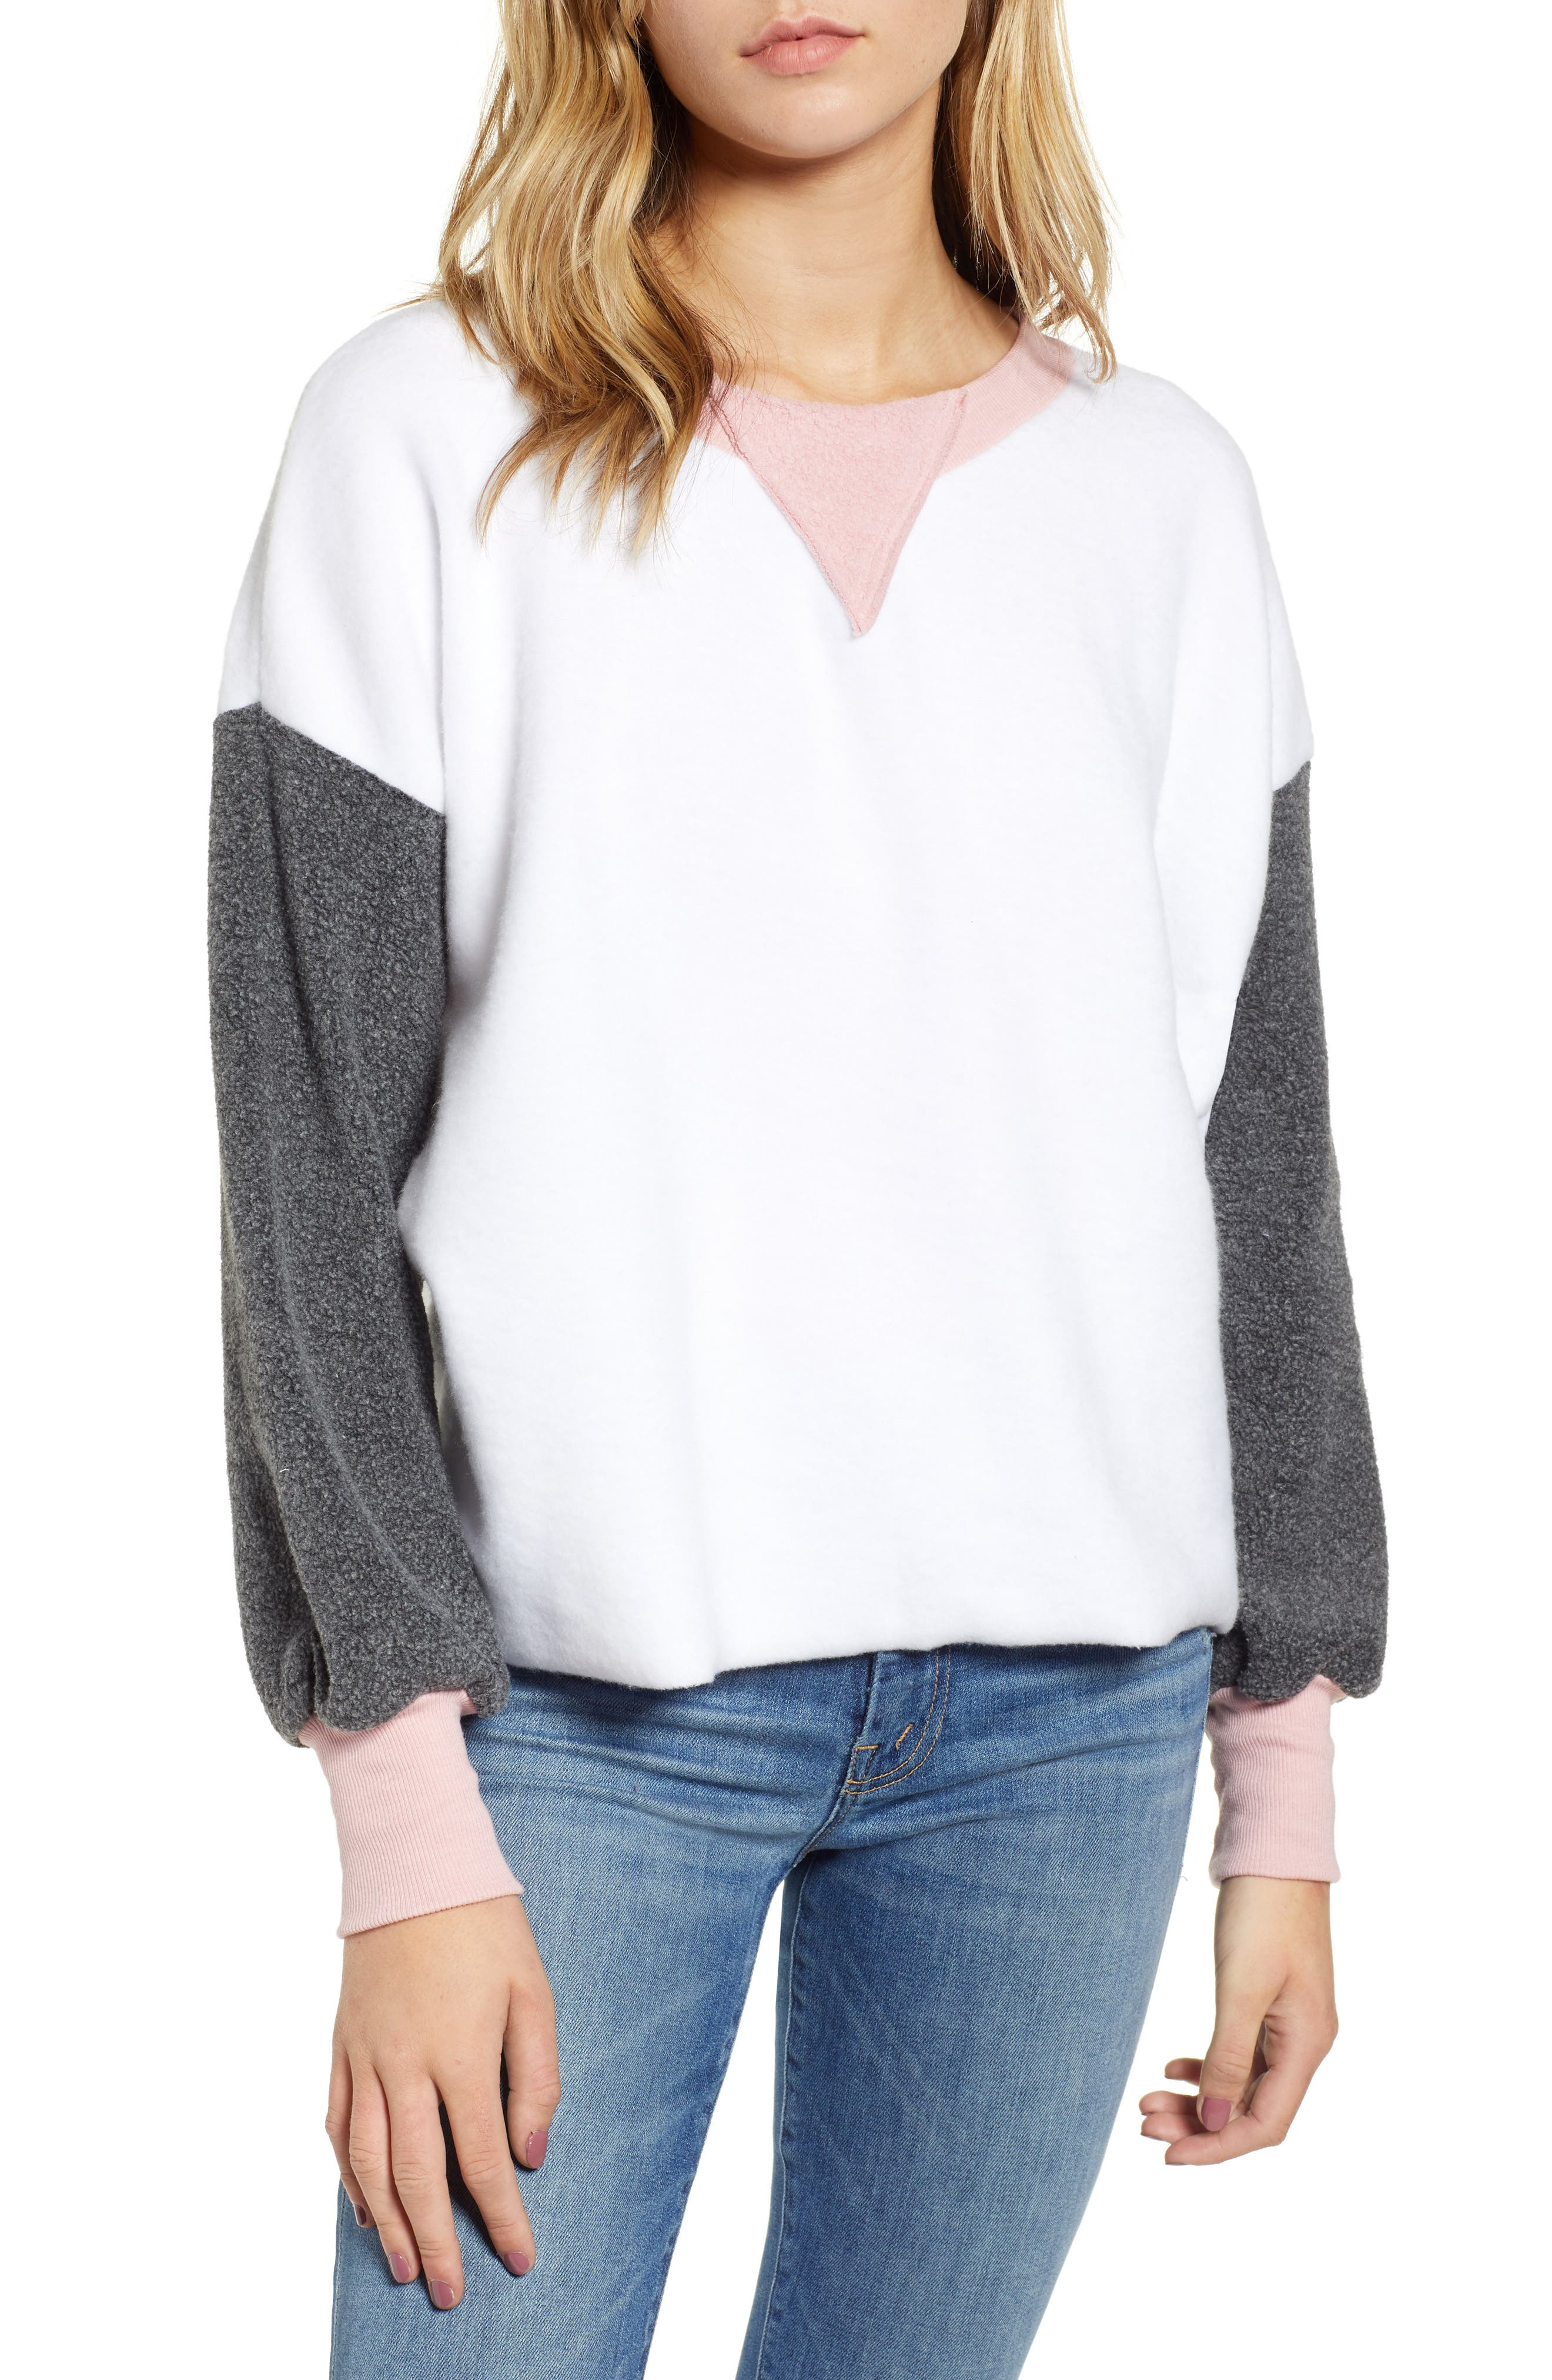 True Love Sweatshirt,                         Main,                         color, 160